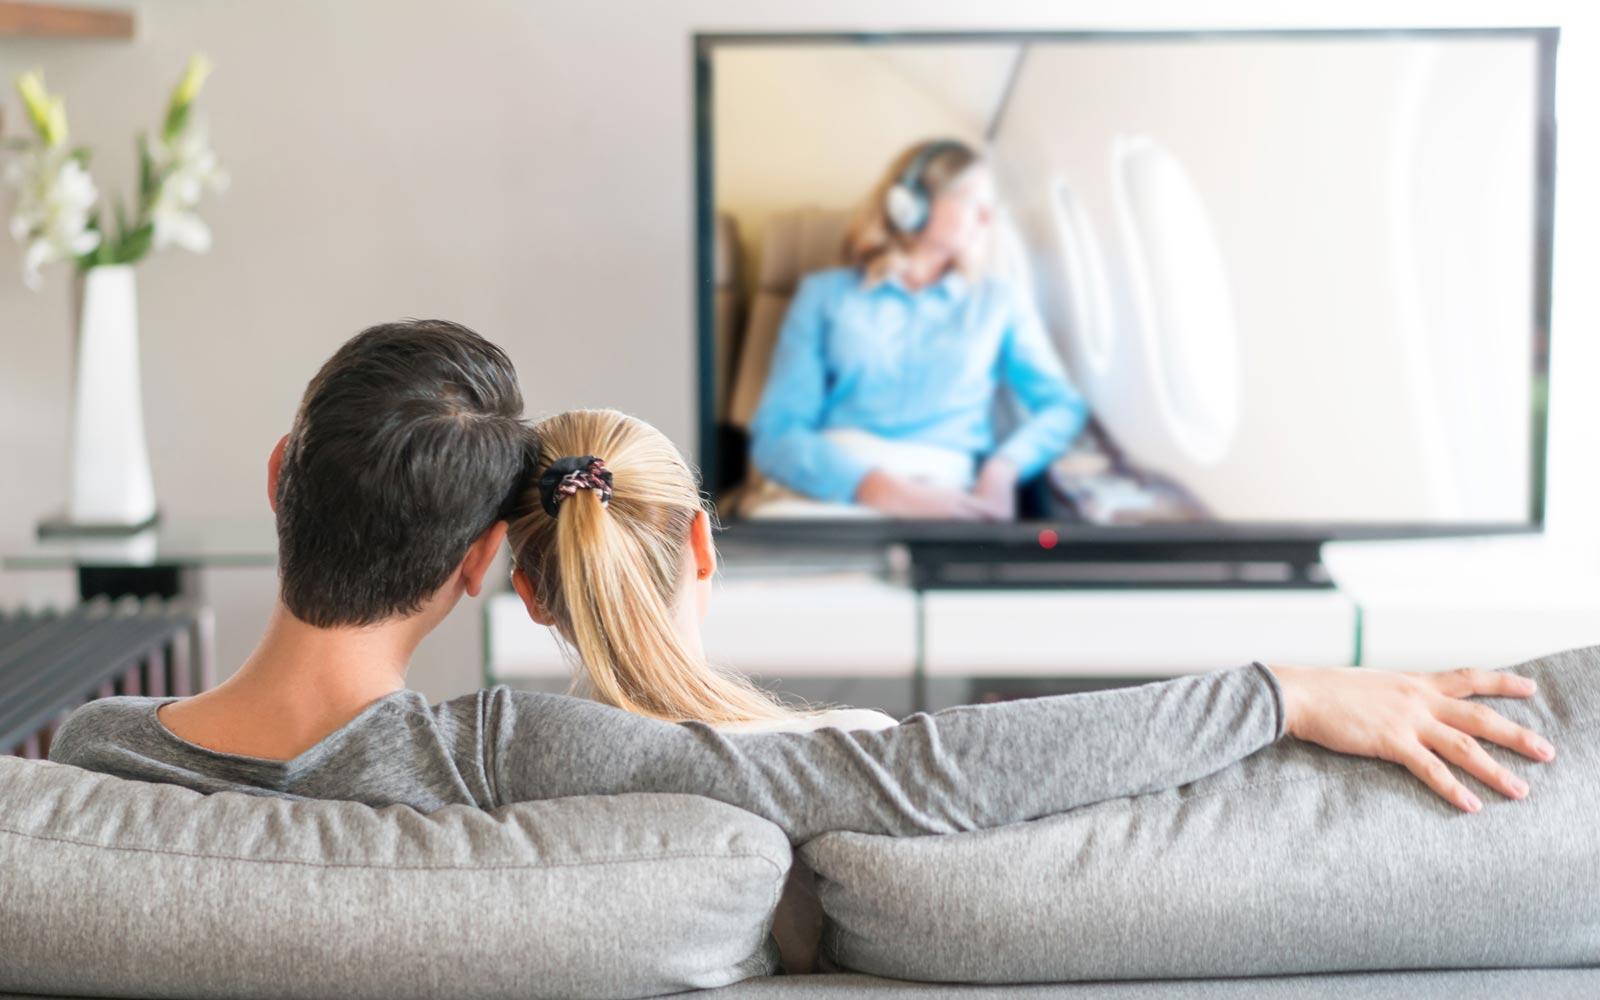 watch-movie-home-valentine0217